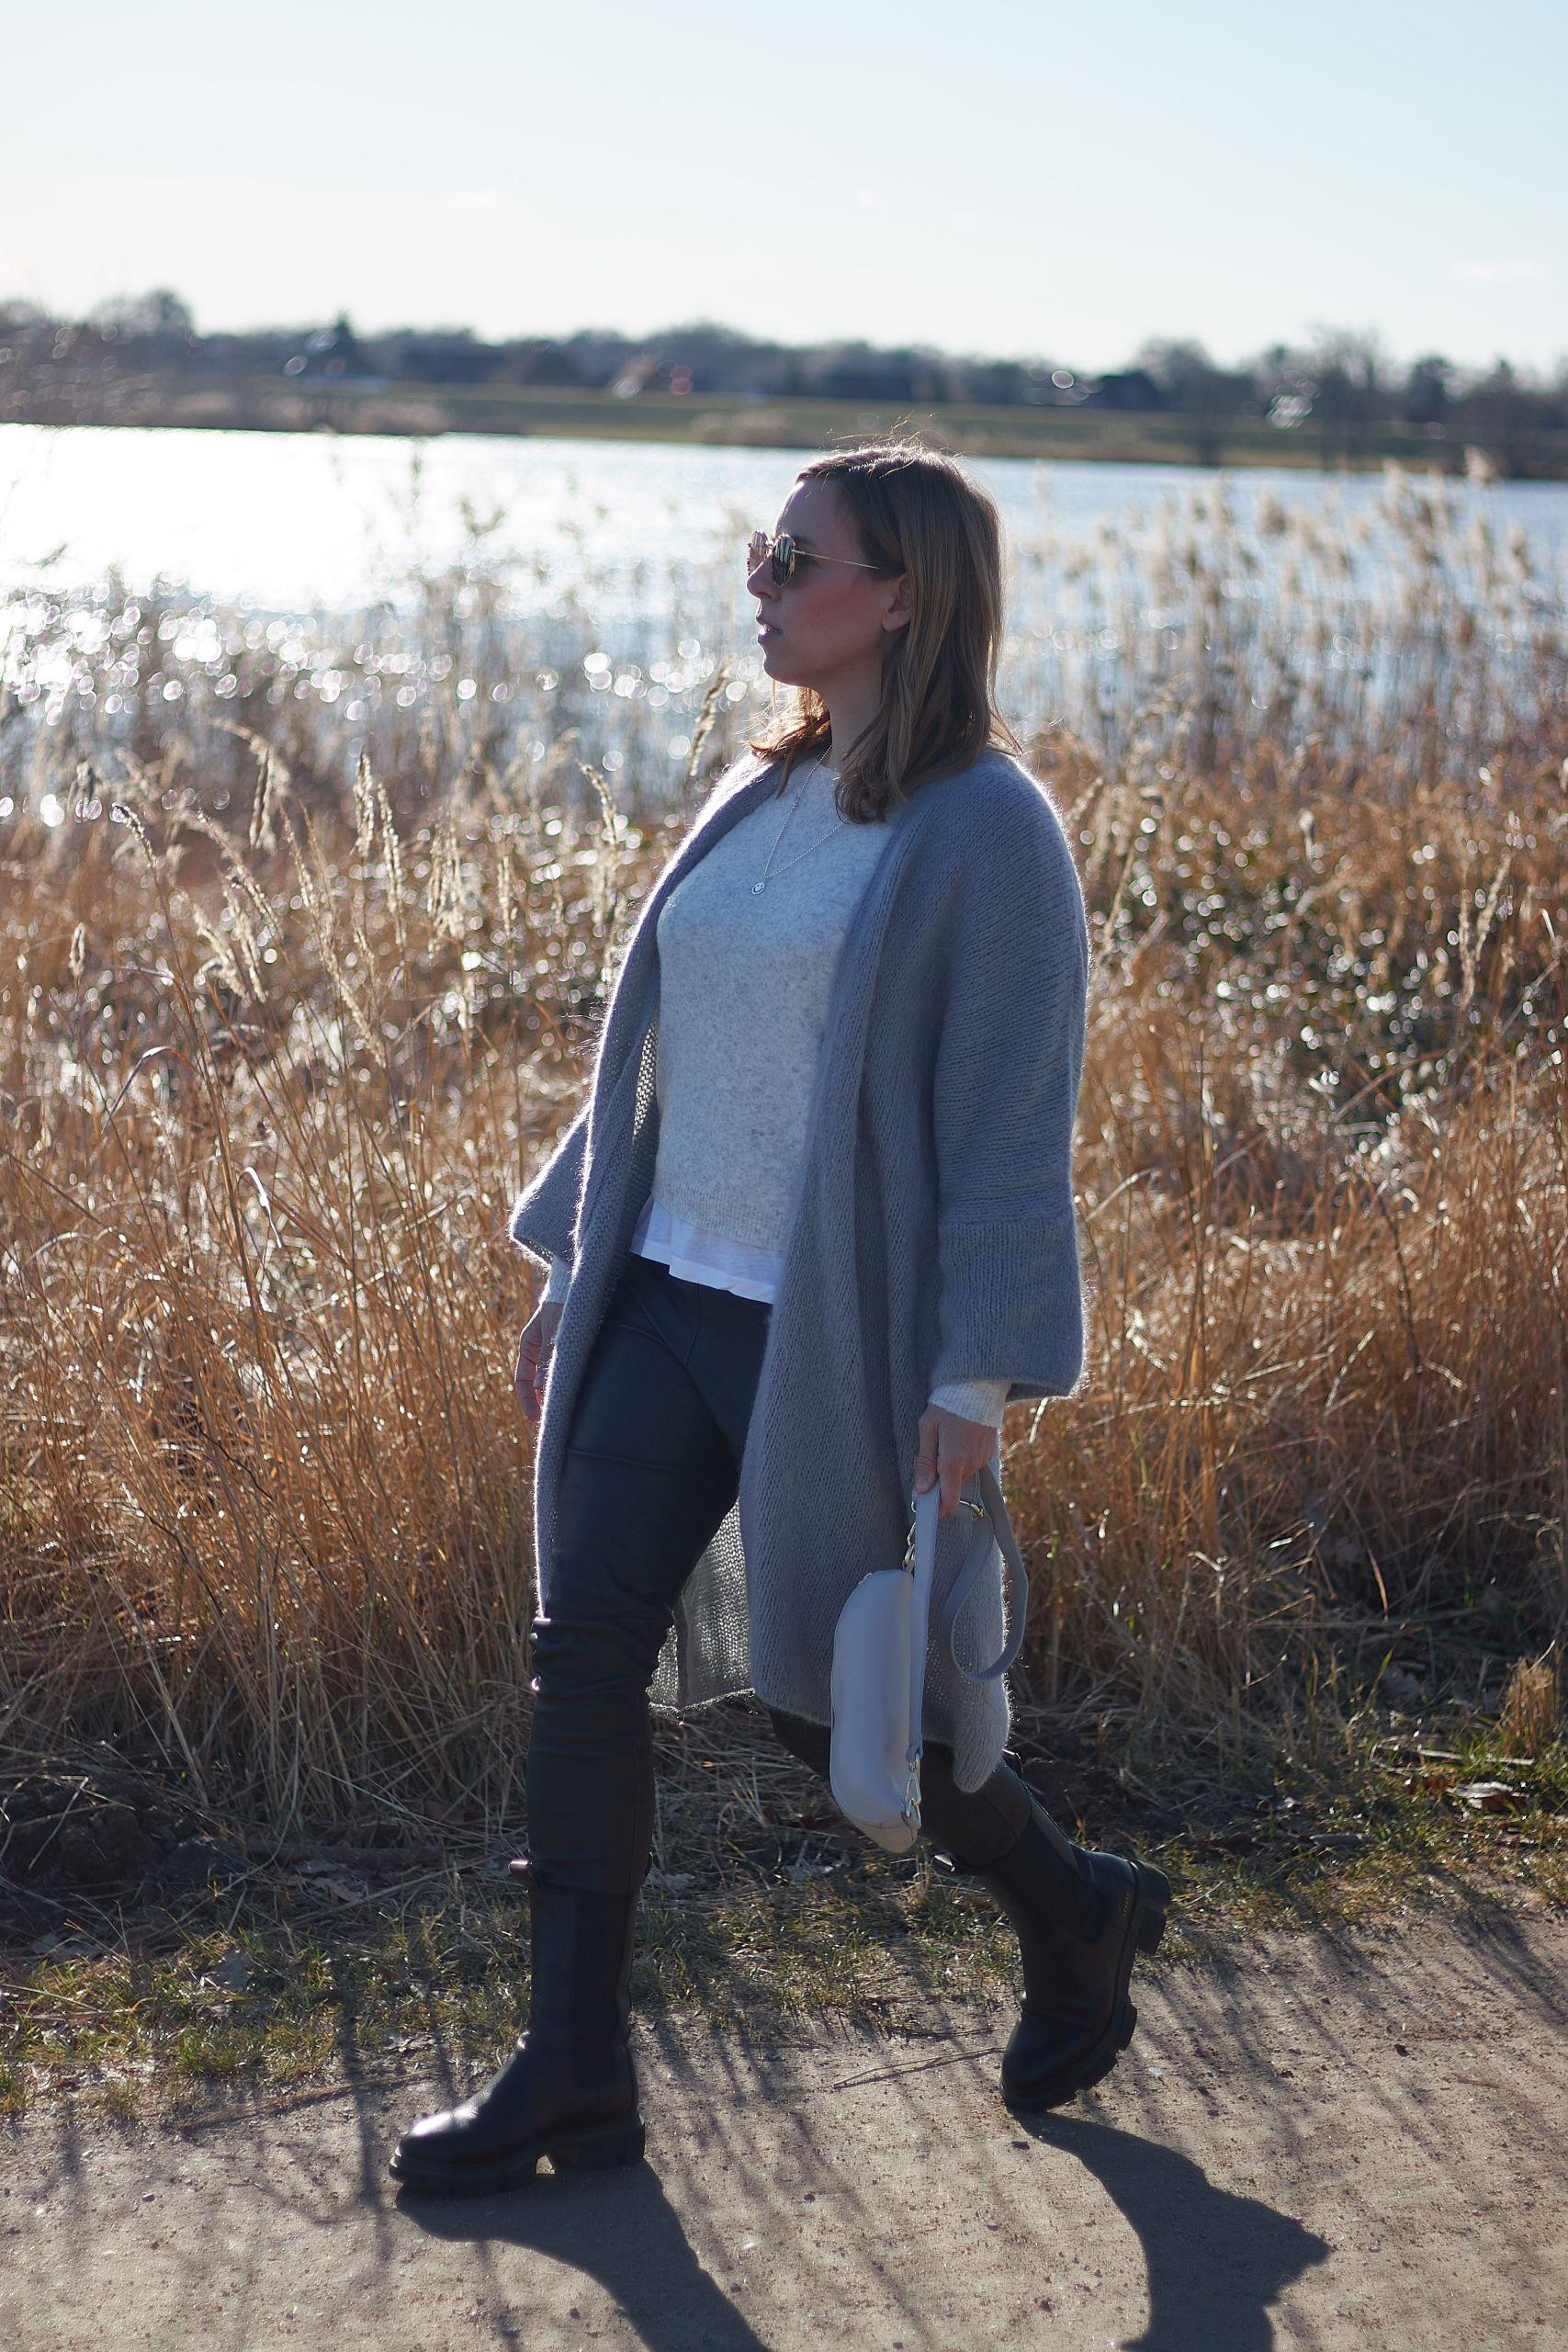 Amy Vermont Lederhose Outfit zu Oversize Cardigan von Inlove und Combat Boots